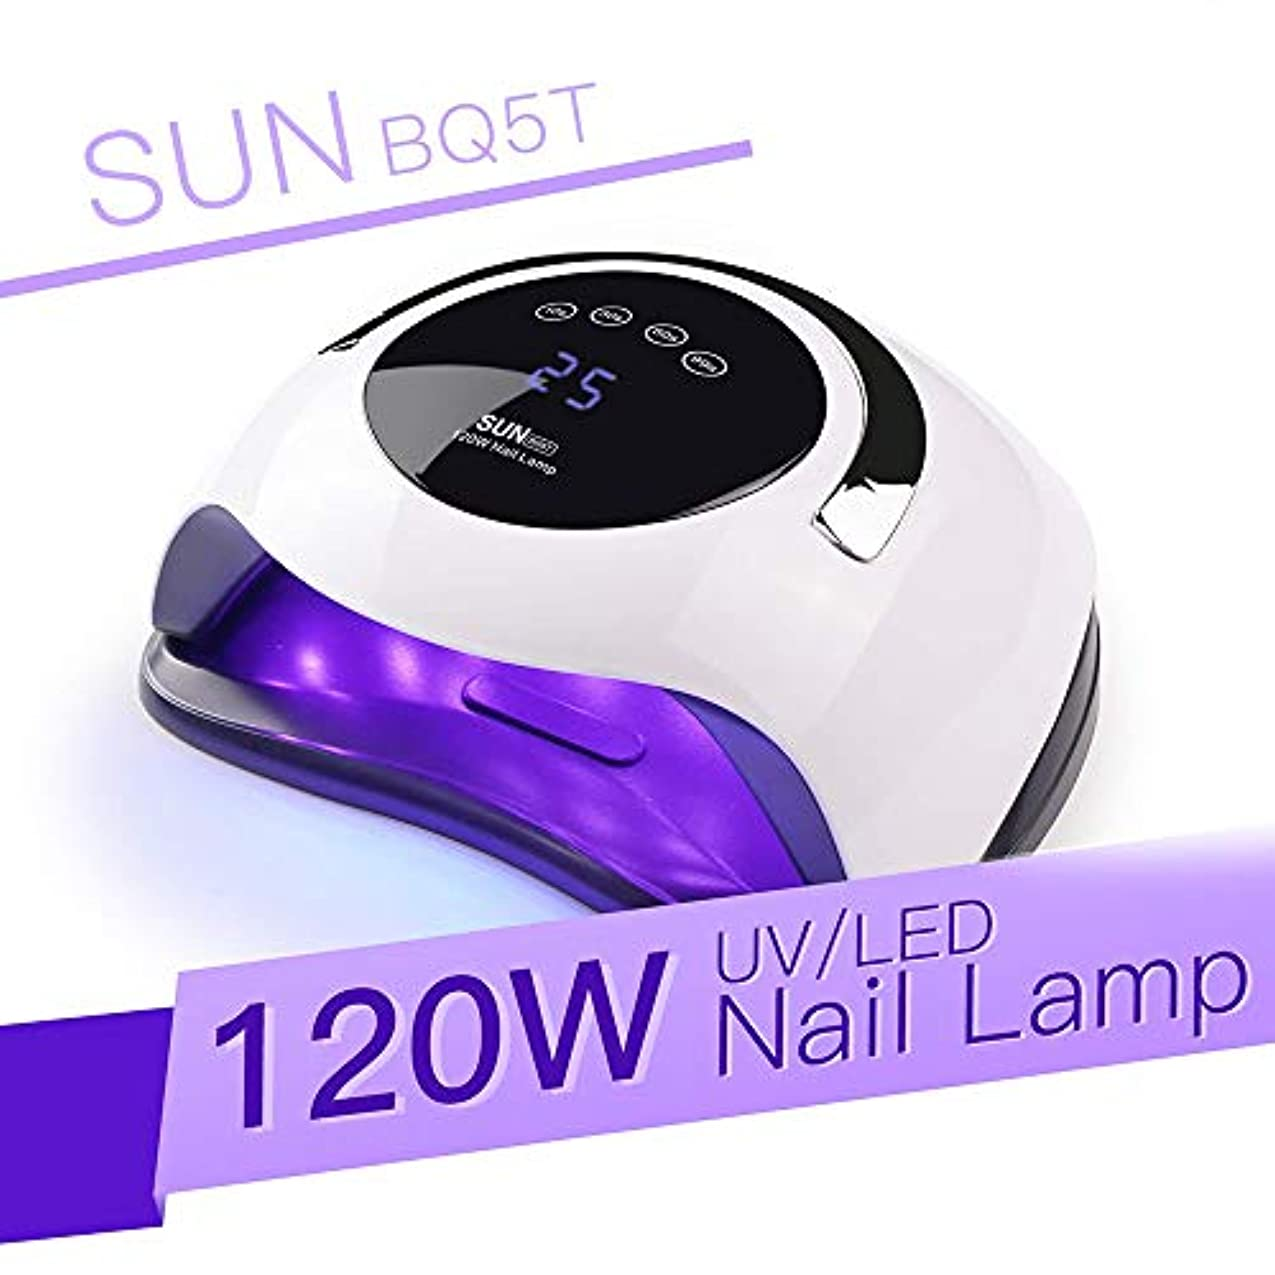 発生燃やすチャーターDecdeal ネイルドライヤー 120W UV LEDネイルランプネイルドライヤー乾燥マニキュアジェルネイルランプ乾燥ゲルワニスLCDスクリーンネイルドライヤー